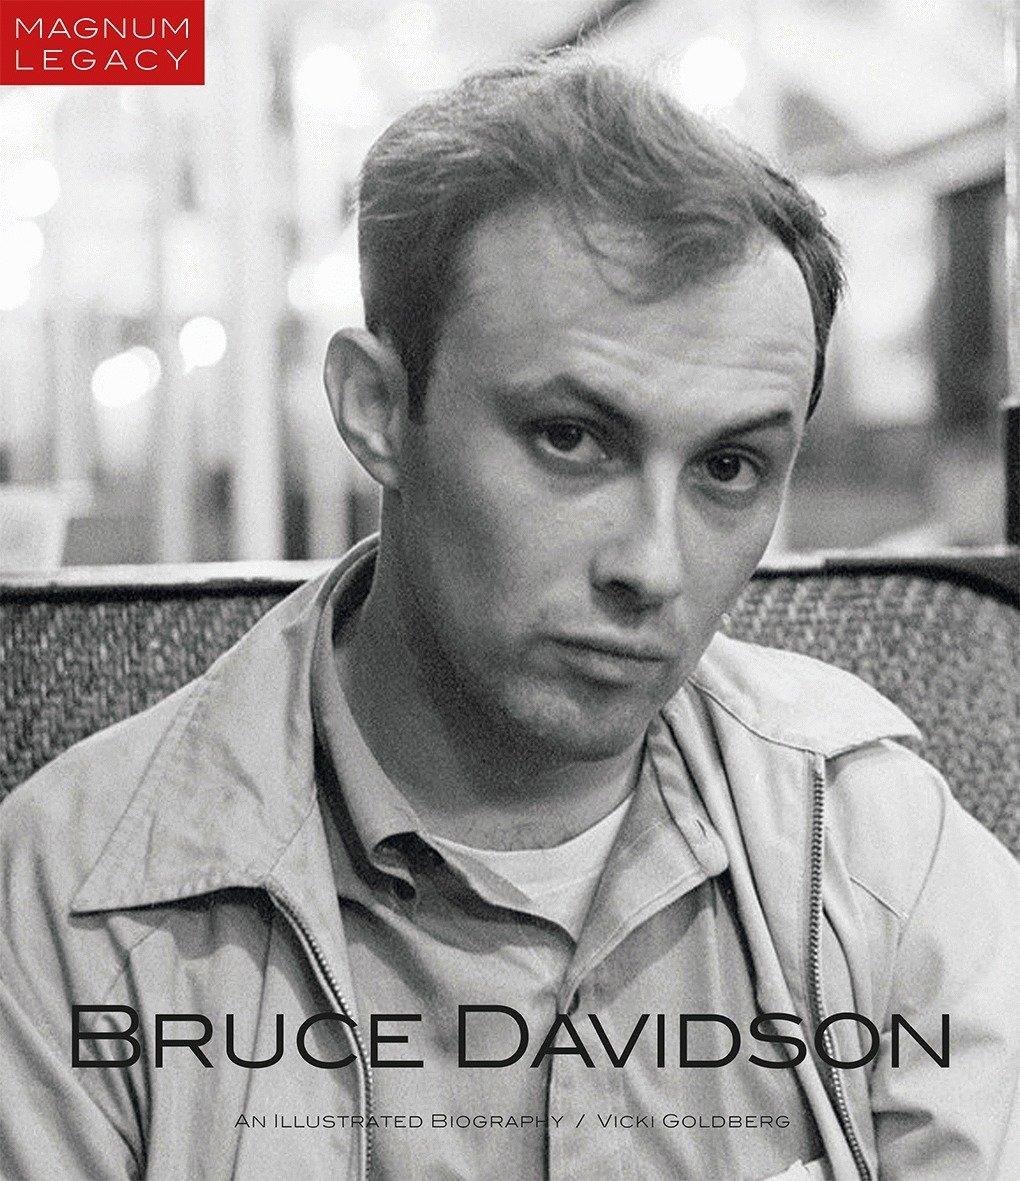 Download Bruce Davidson: Magnum Legacy ebook